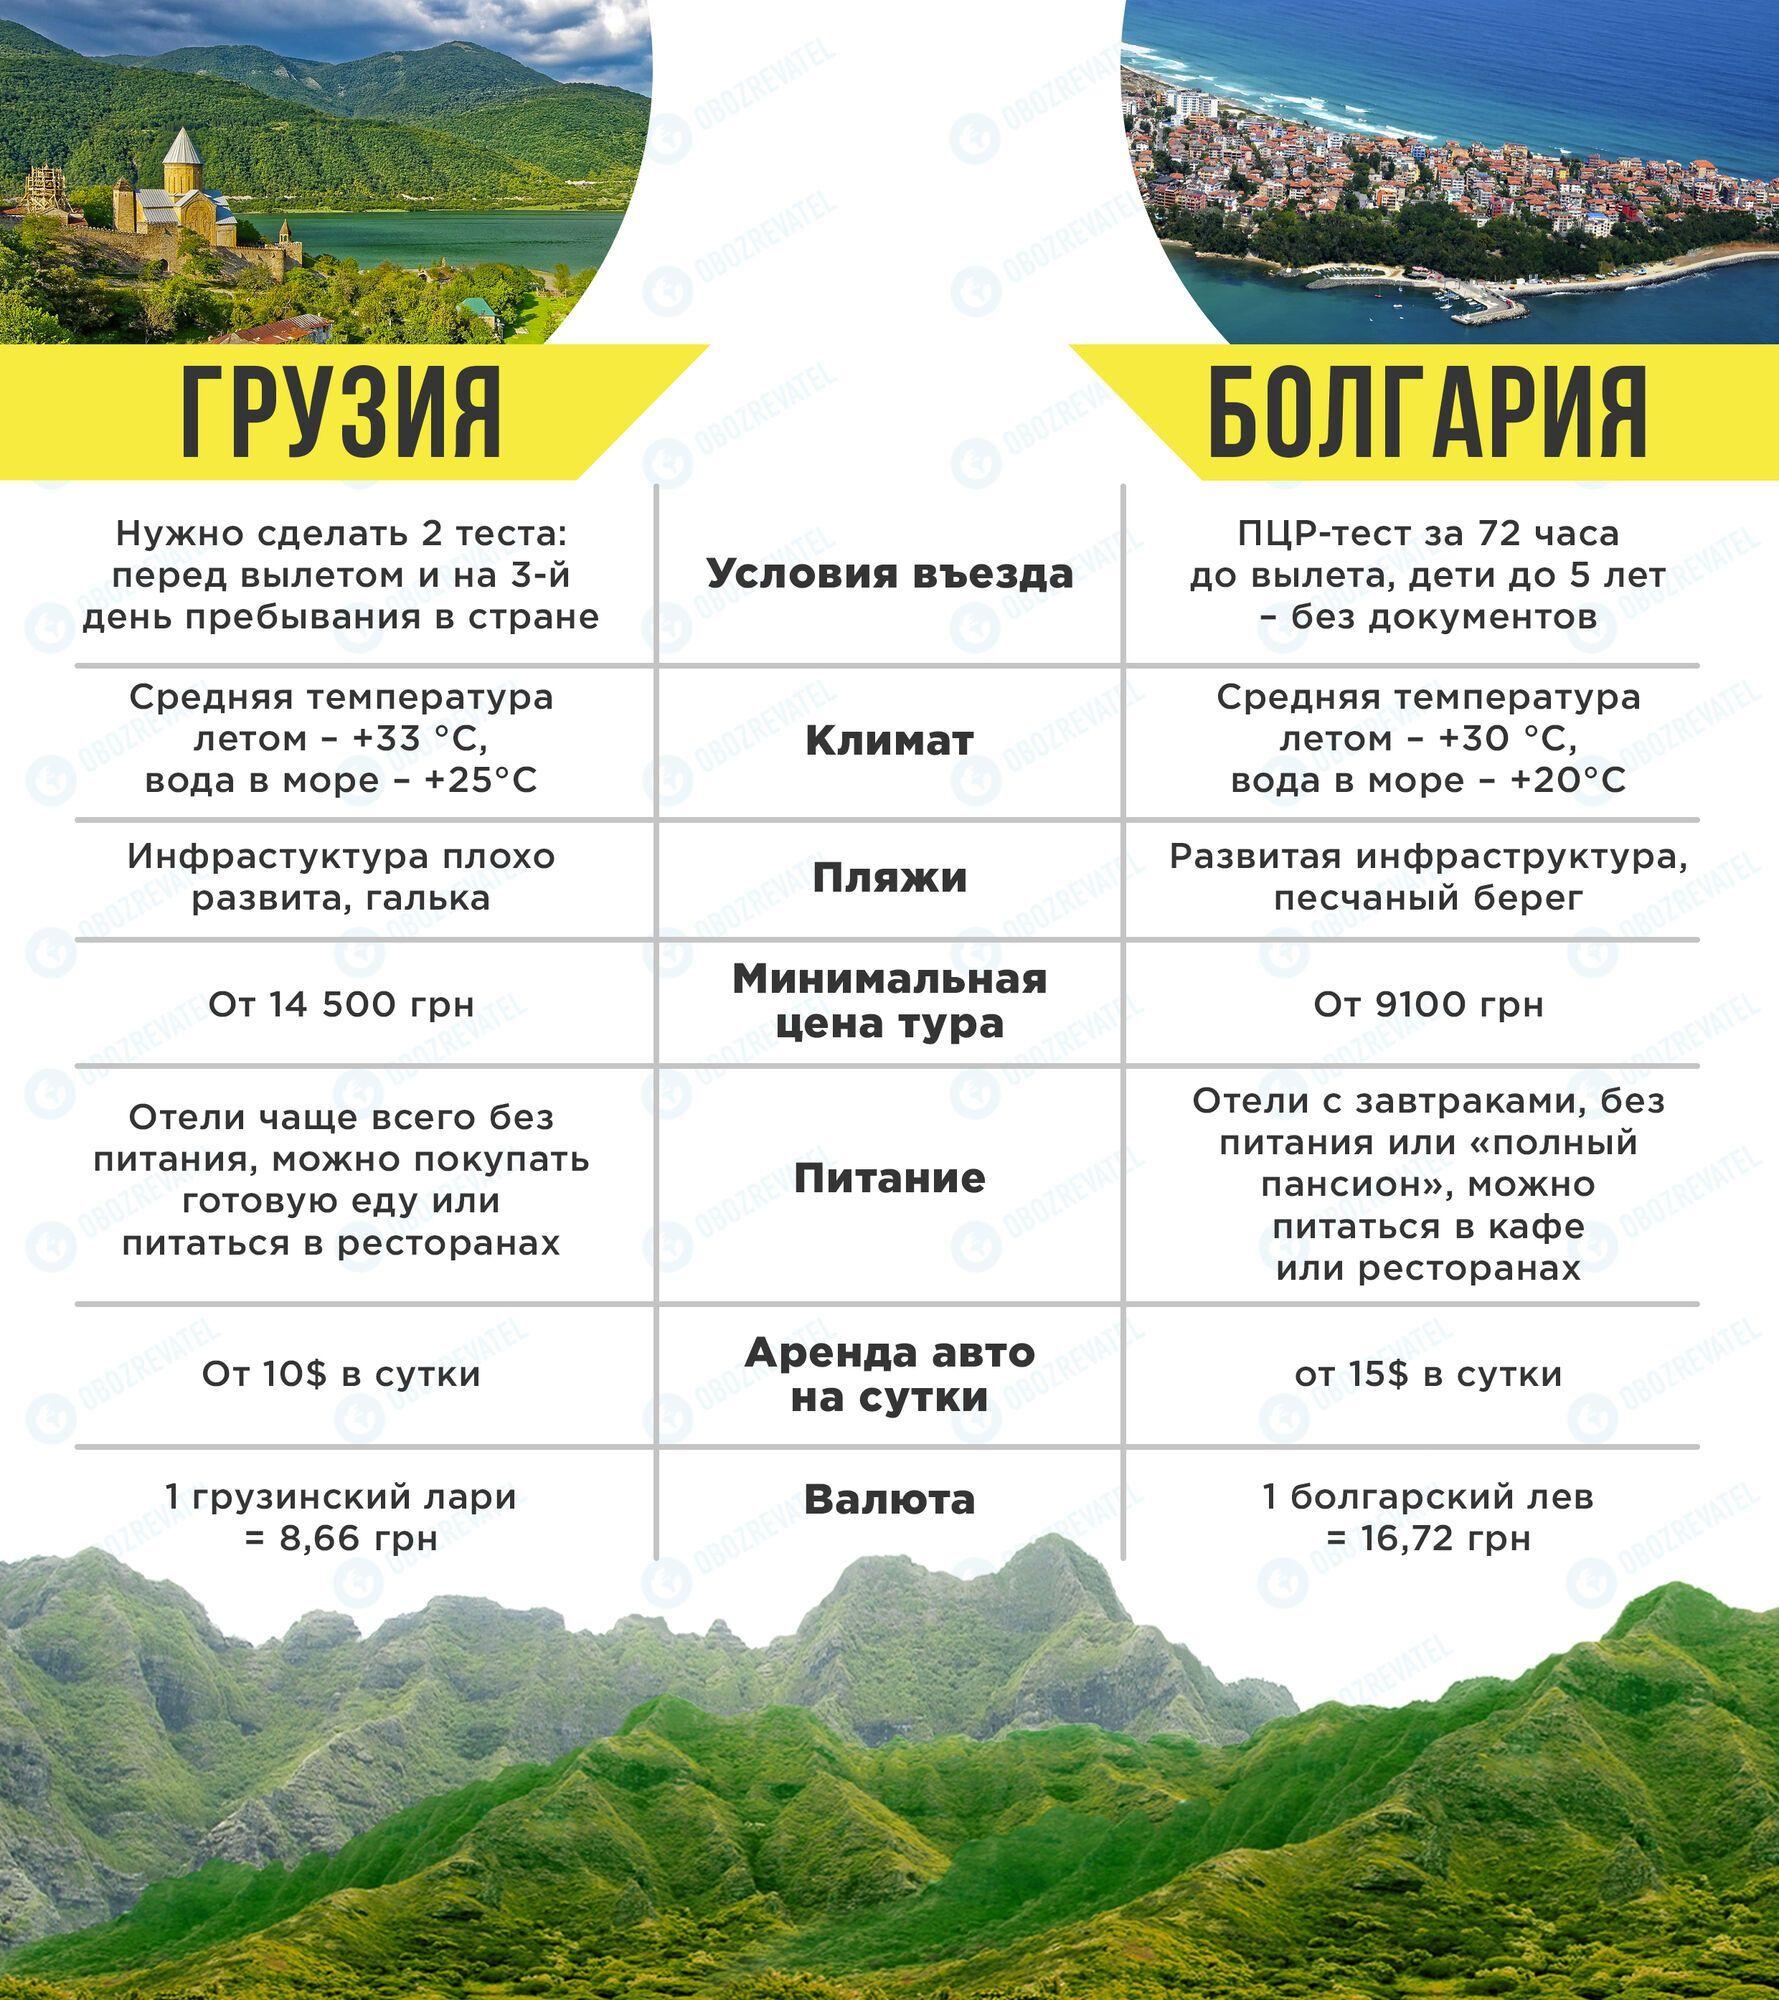 Грузия или Болгария: сравнение пляжей, цен на отдых и достопримечательностей. Фото